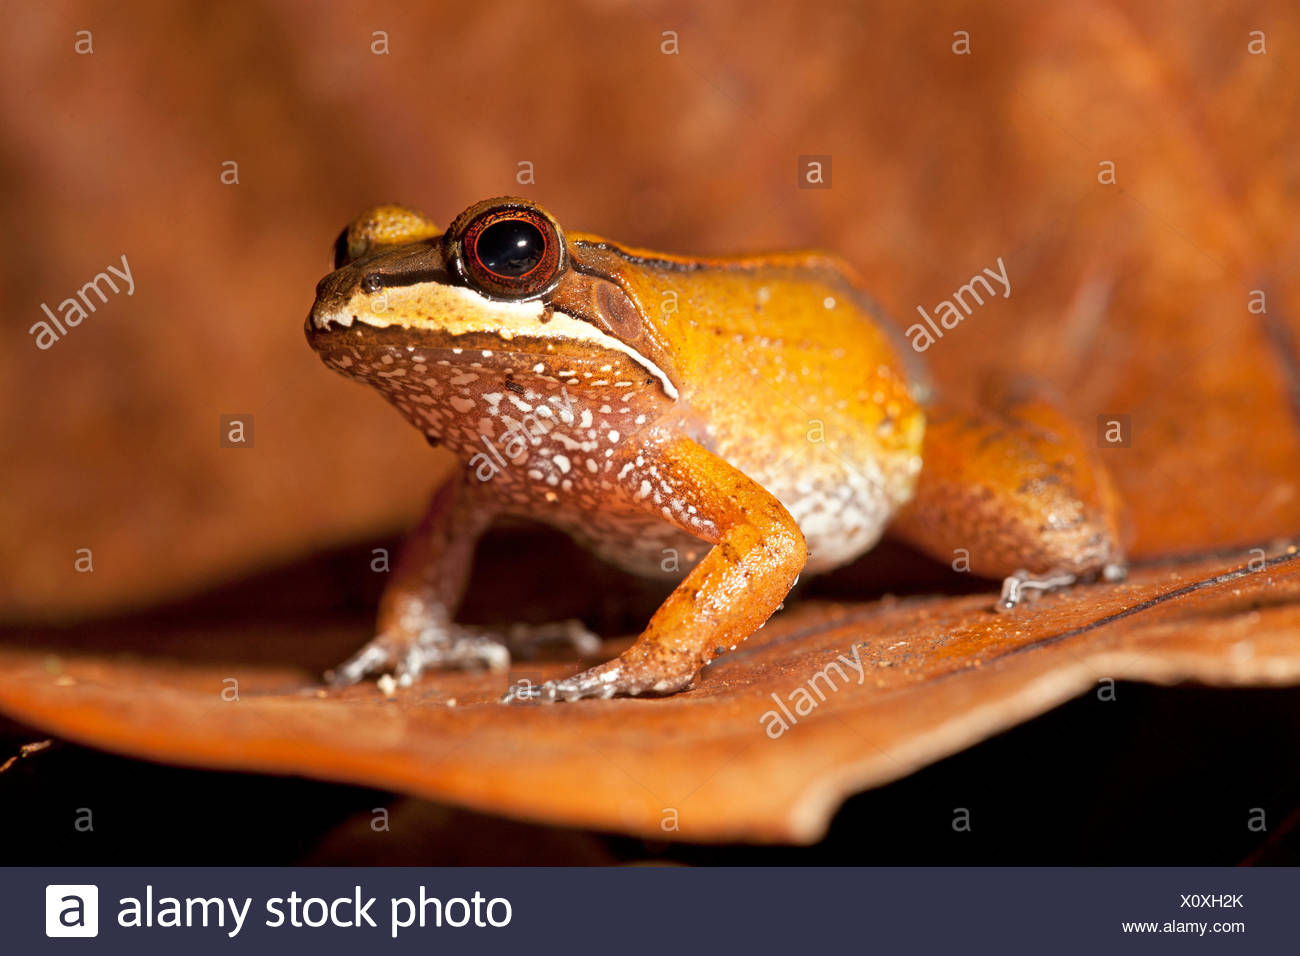 Photo d'une grenouille d'Amérique du Sud Photo Stock